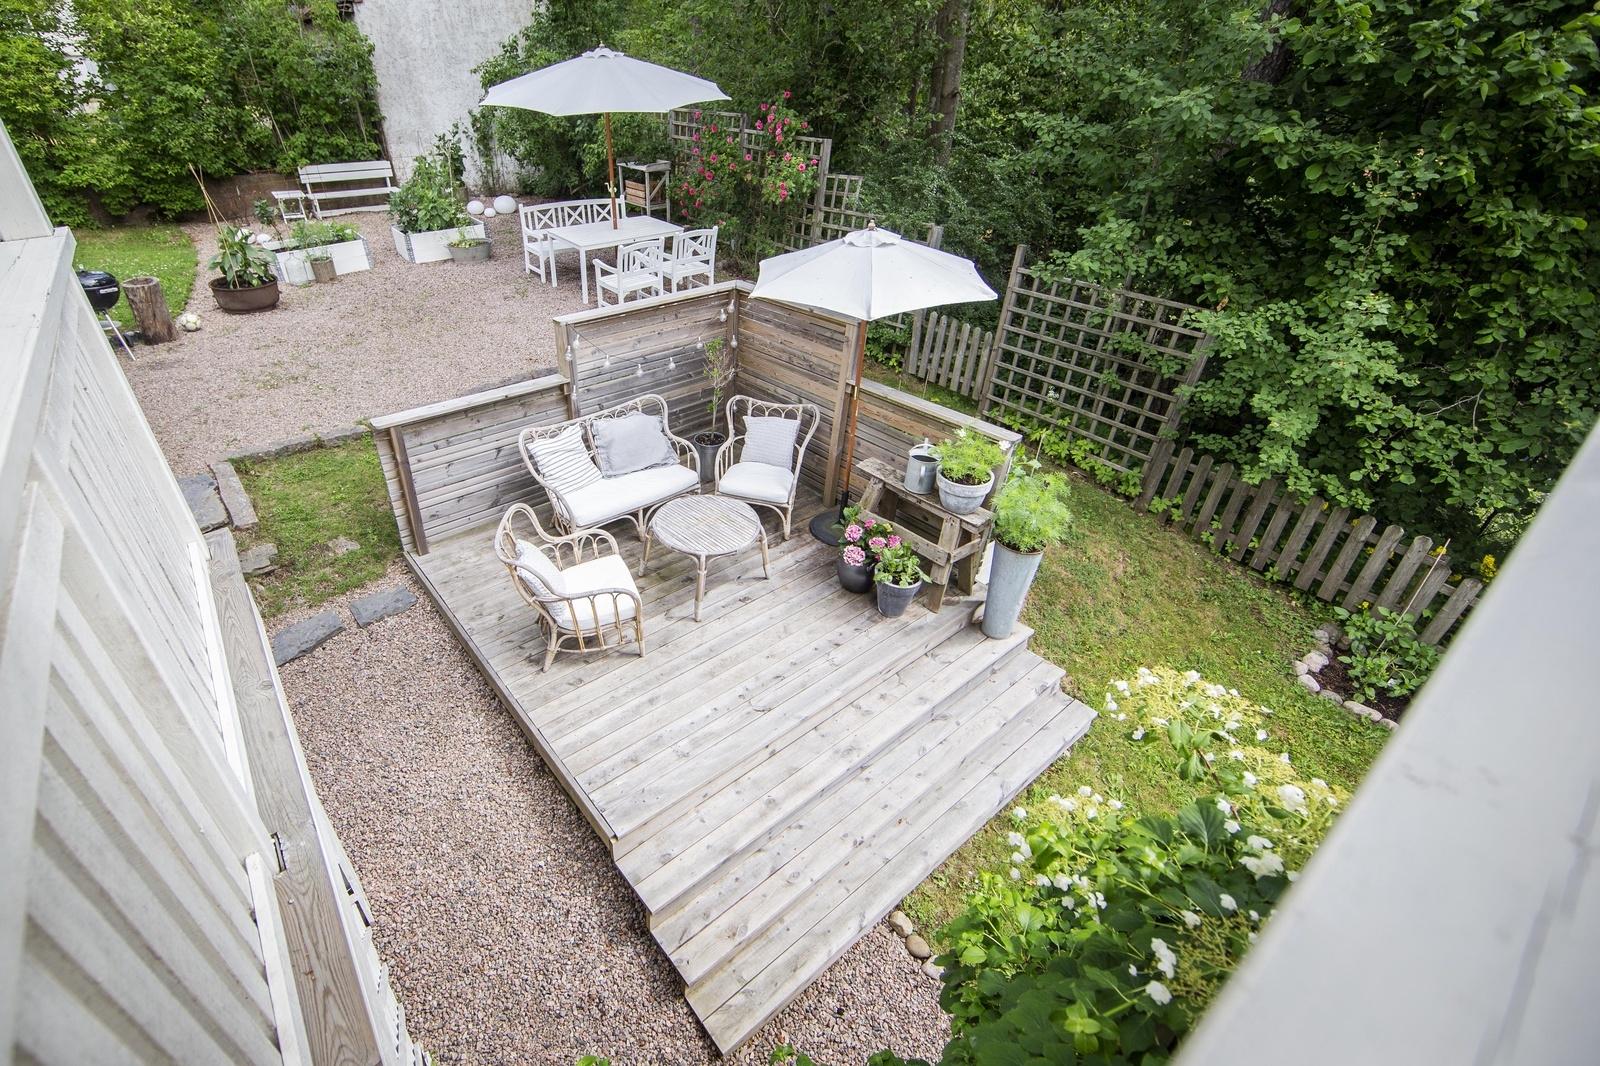 """Soldäcket nere i trädgården vill Sofia Brunnegård göra större. Tanken är att bygga ut altanen mot skogen för att kunna få plats med ett spabad. """"Ja, det hade nog varit ganska trevligt"""", säger Niclas Brunnegård."""